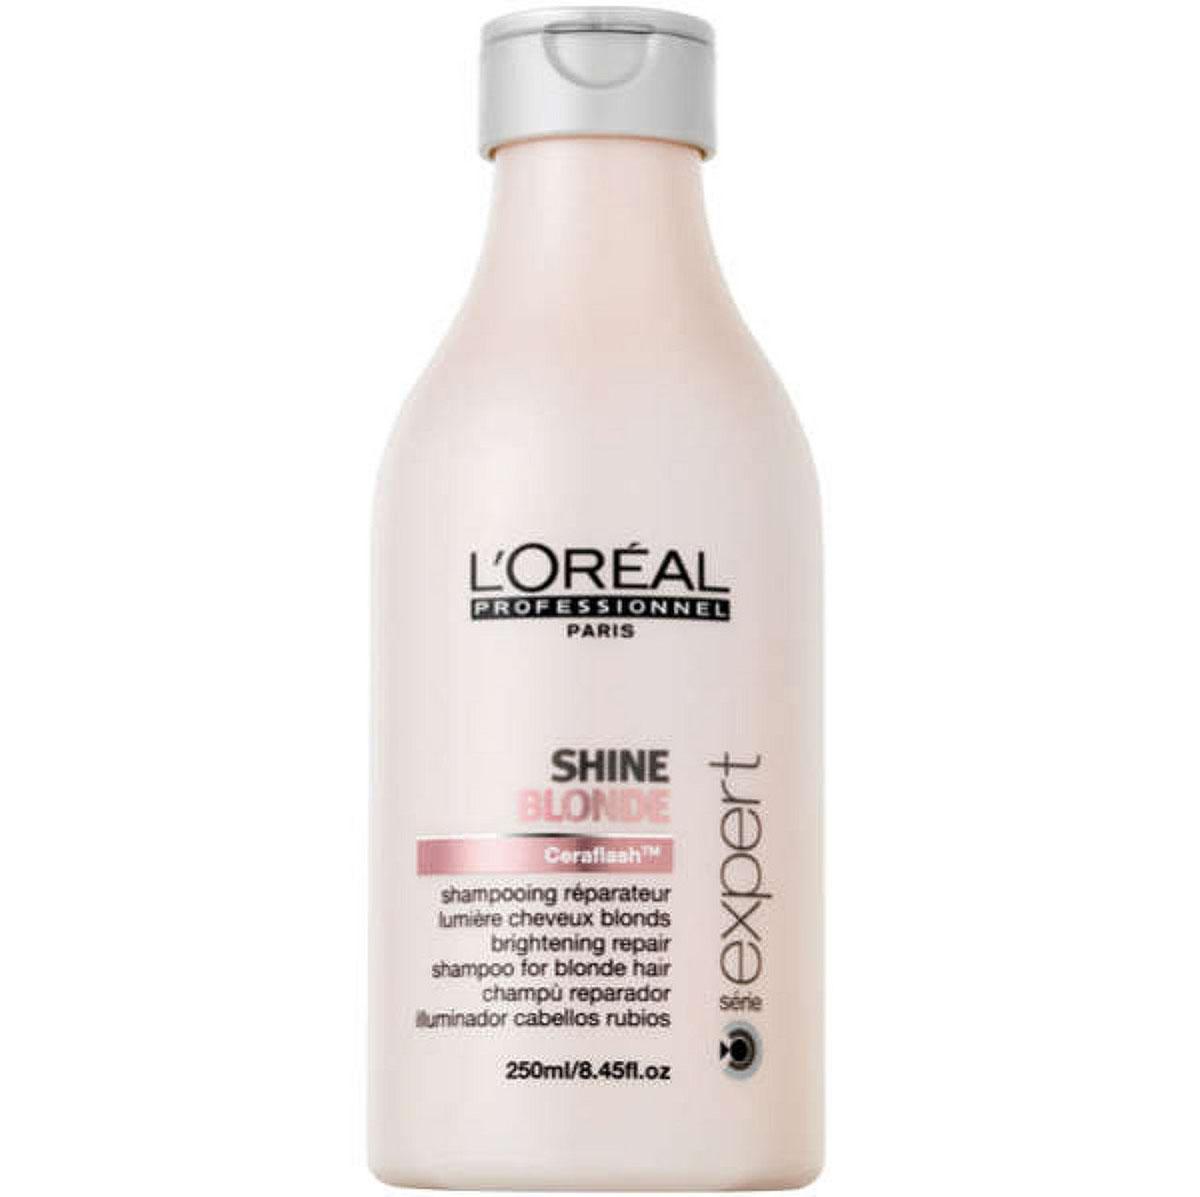 LOreal Professionnel Шампунь Expert Shine Blonde - 250 млE0077386Волосы, которые подверглись окрашиванию или осветлению, нуждаются в особо бережной защите и в восстановлении. Такой уход им способен обеспечить шампунь из серии Shine Blonde, который препятствует появлению жёлтого оттенка и потускнению волос. Кроме того, он защищает волосы от воздействия ряда негативных факторов внешней среды. В состав шампуня входят керамиды, восстанавливающие межклеточное вещество, анти-кальциевые компоненты, защищающие волосы от неблагоприятного воздействия воды, а также активные компоненты, увлажняющие волосы и придающие им блеск. Шампунь очень бережно и мягко очищает волосы, не вымывая красящие пигменты. Средство препятствует потускнению цвета и появлению жёлтого оттенка, дарит волосам сияние и блеск, делает их необычайно послушными и мягкими. Шампунь Shine Blonde обеспечит вашим волосам яркий цвет, питание и увлажнение.